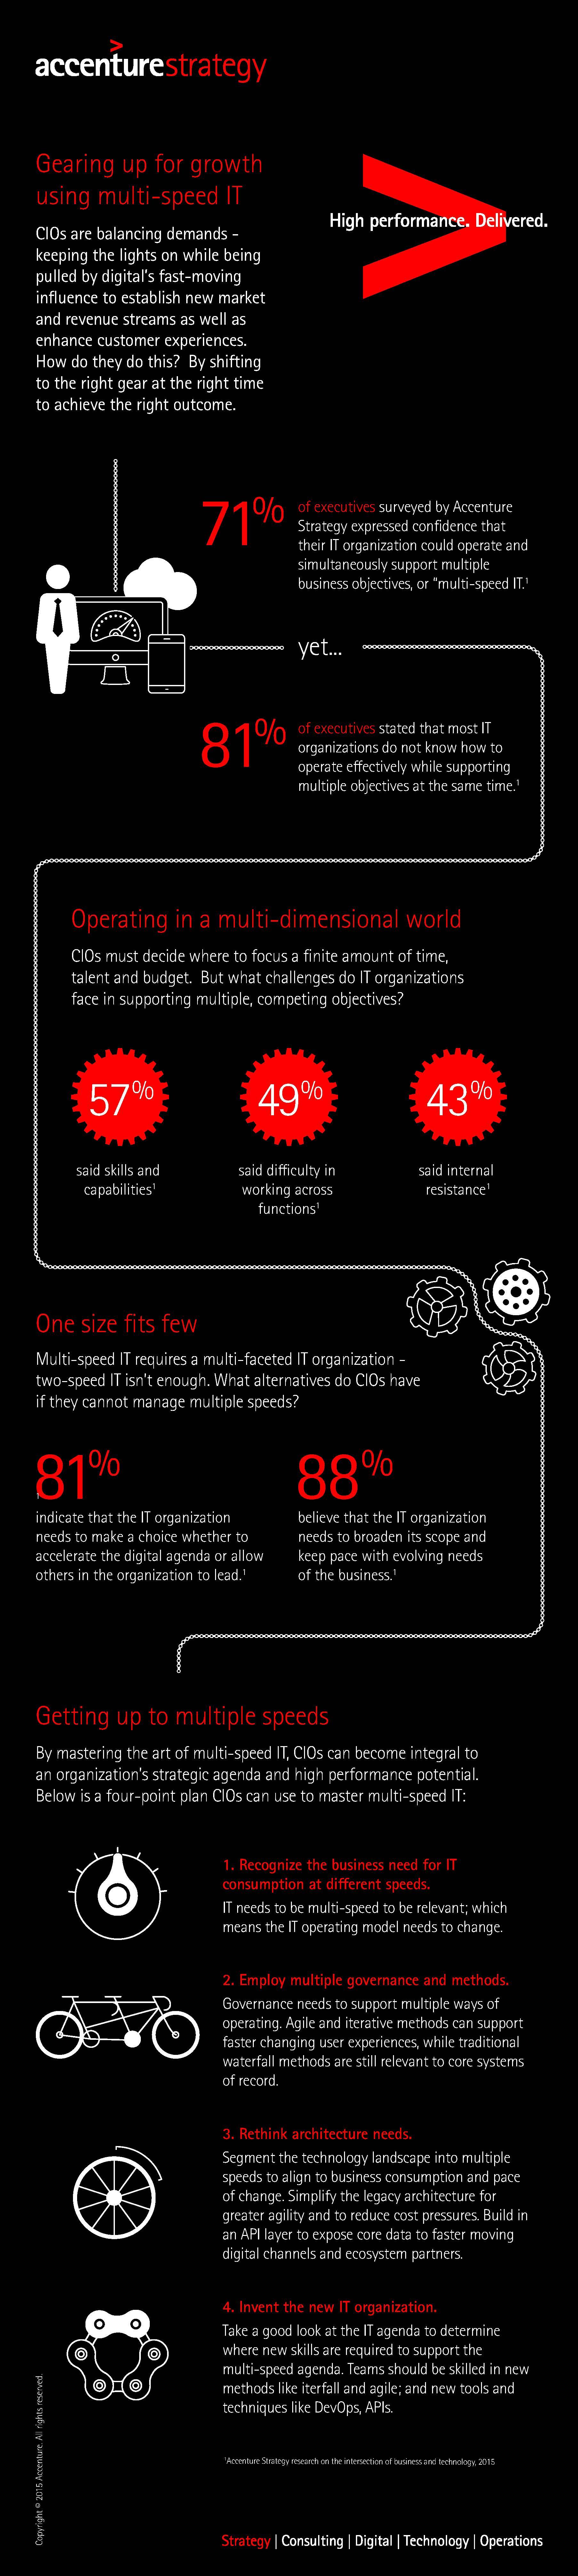 Accenture-Multi-Speed-IT-Infographic